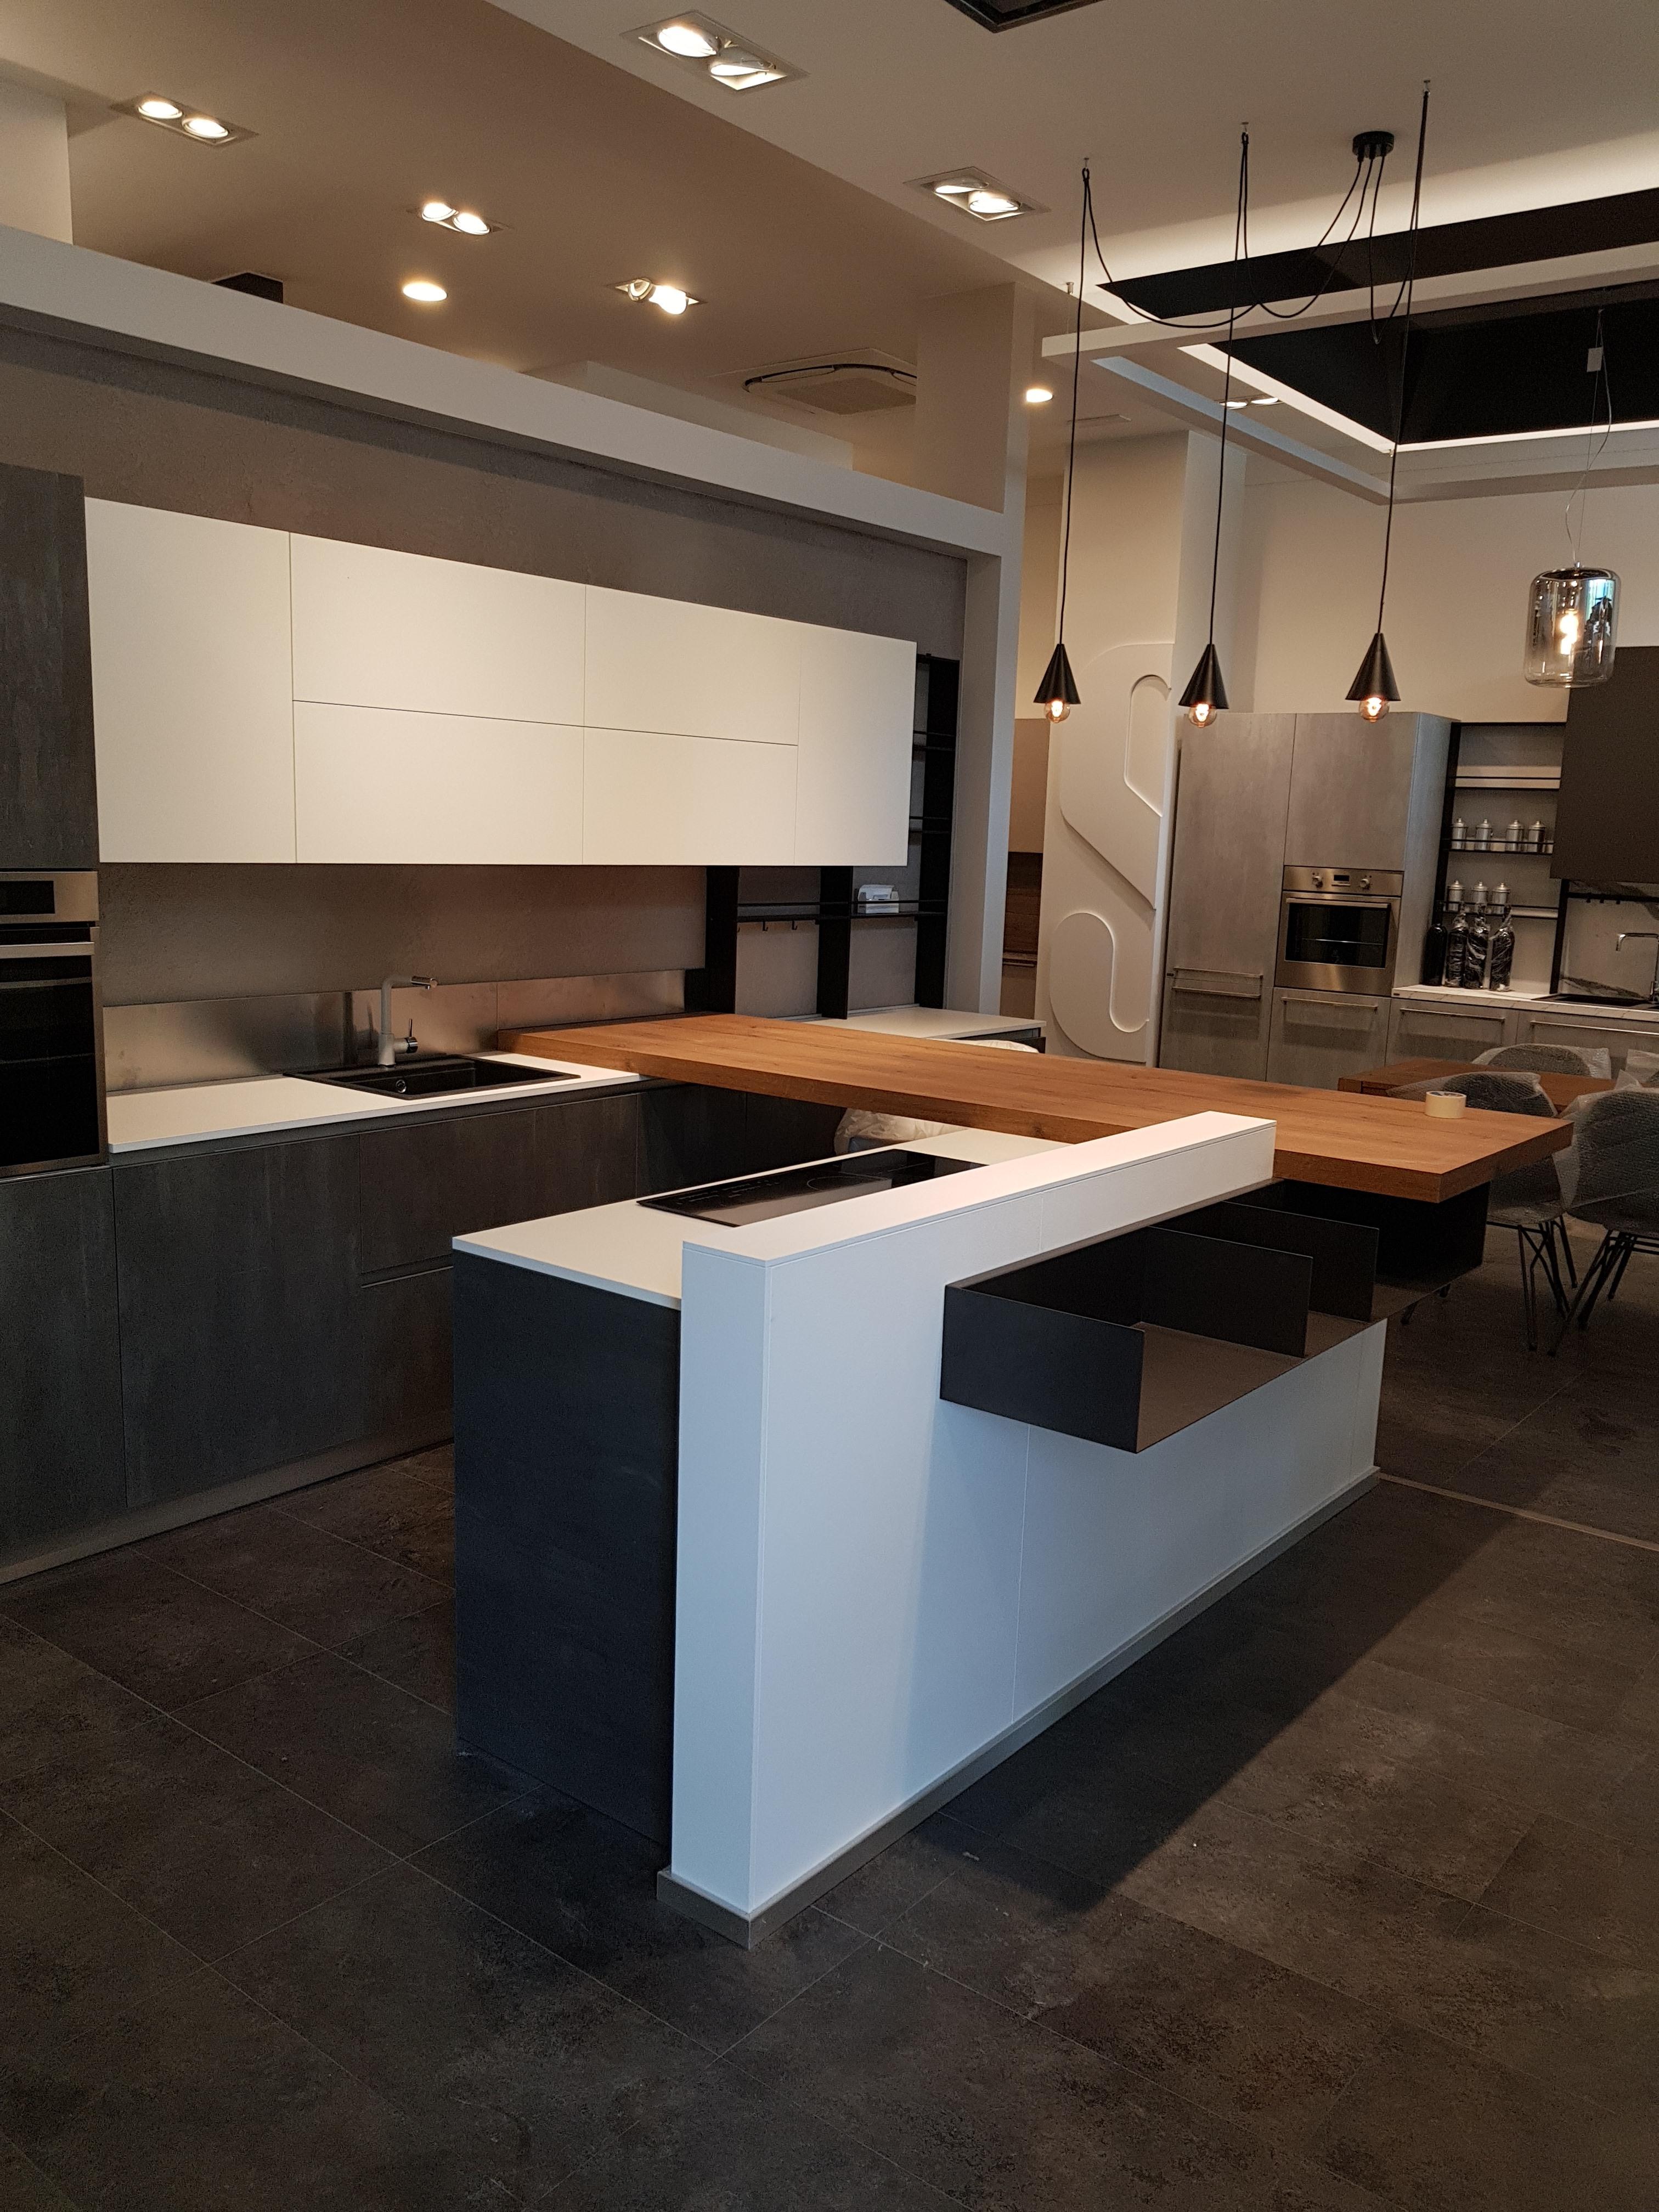 Soluzioni D Arredamento Cesena store scavolini cesena, rivenditore/negozio/showroom